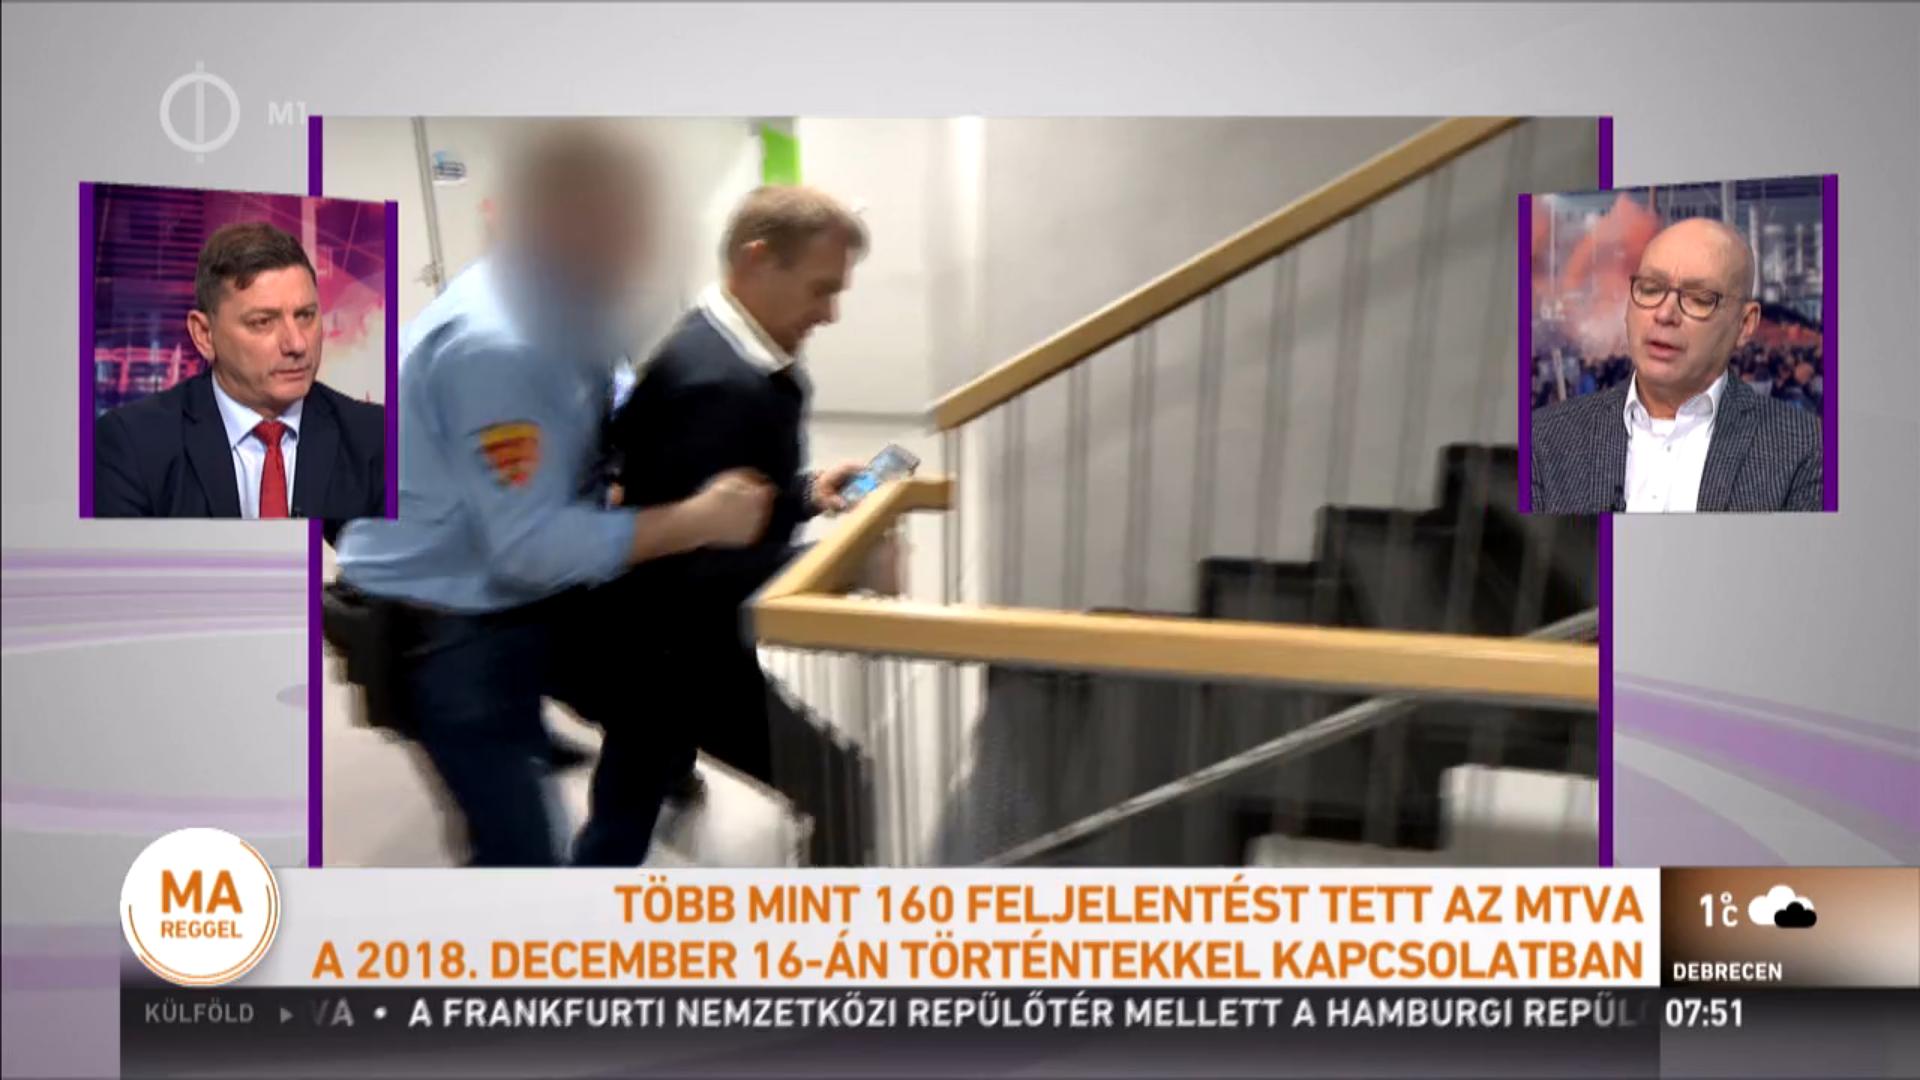 Az adatvédelmi hatóság vezetője szerint bűncselekményt követhettek el az ellenzéki képviselők, amikor élőben közvetítették, ahogy erőszakkal dobják ki őket az MTVA épületéből